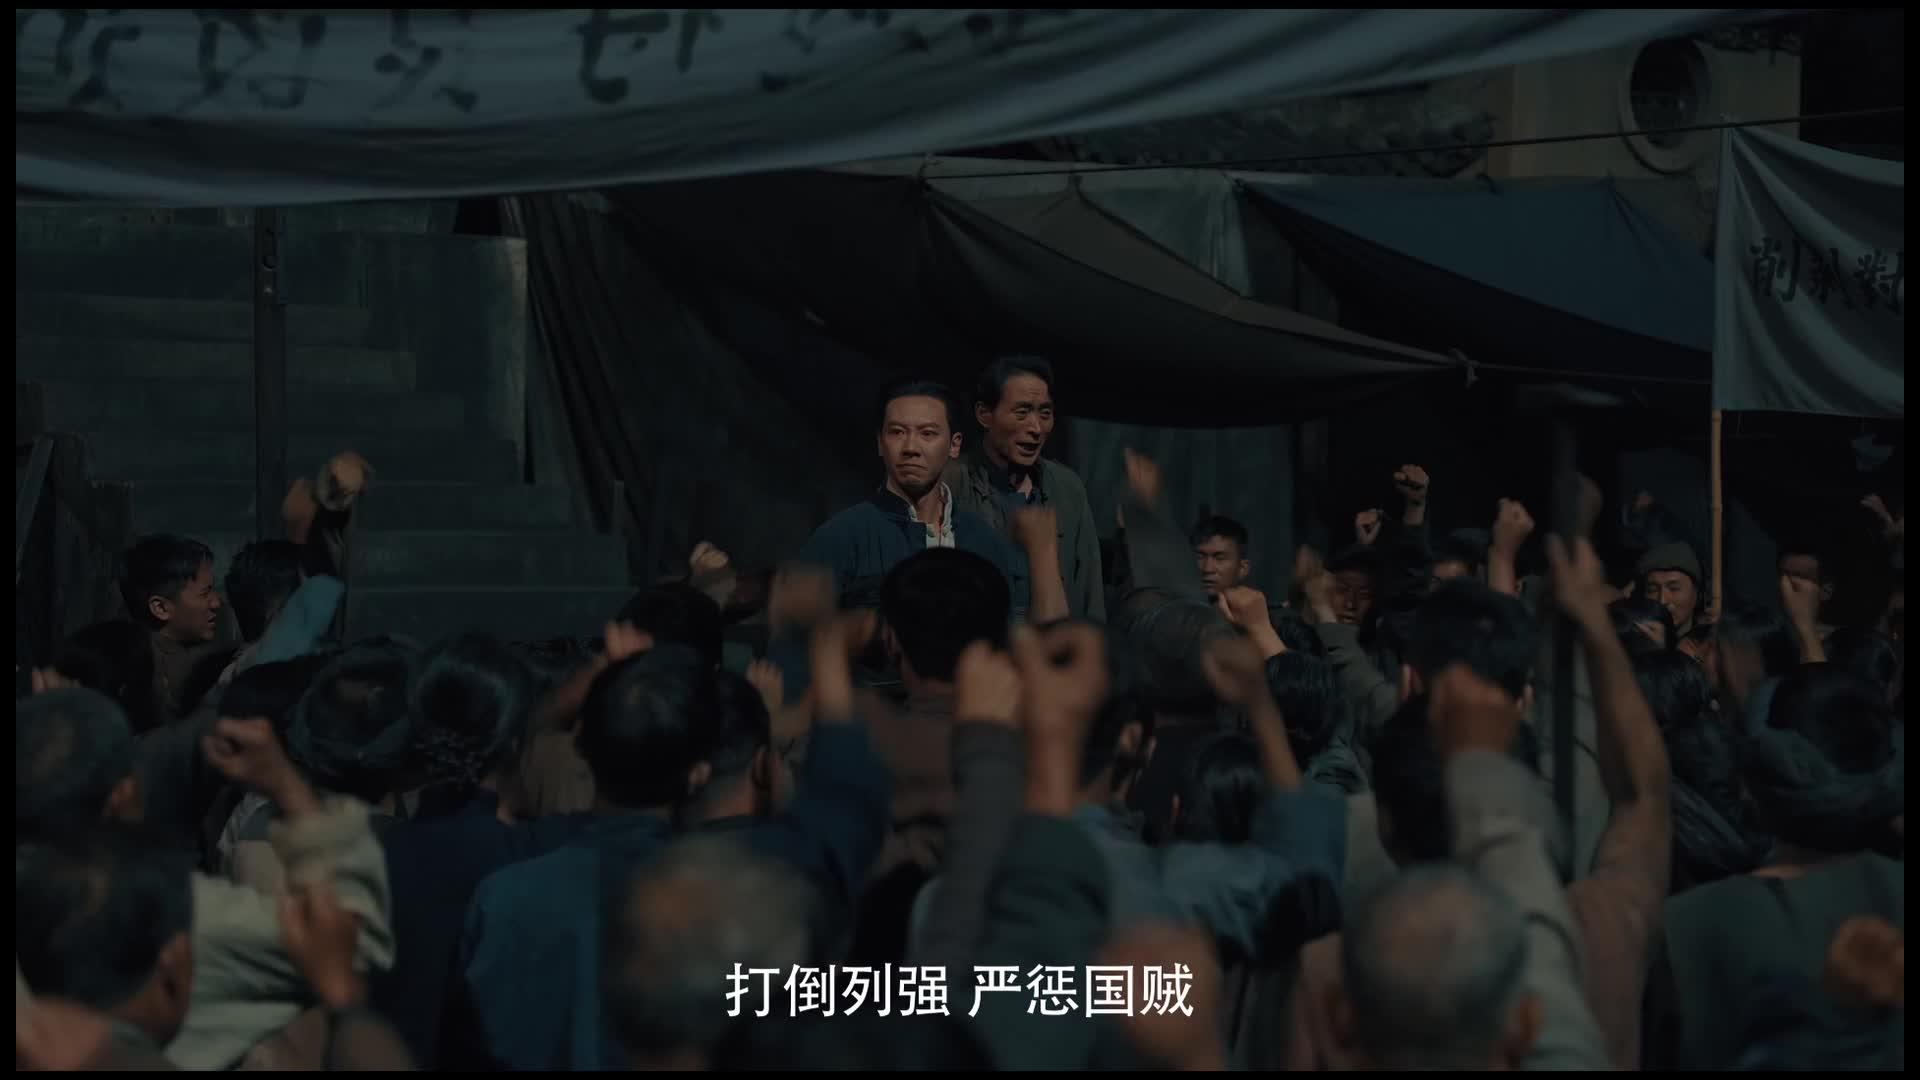 电视剧《大浪淘沙》预告片